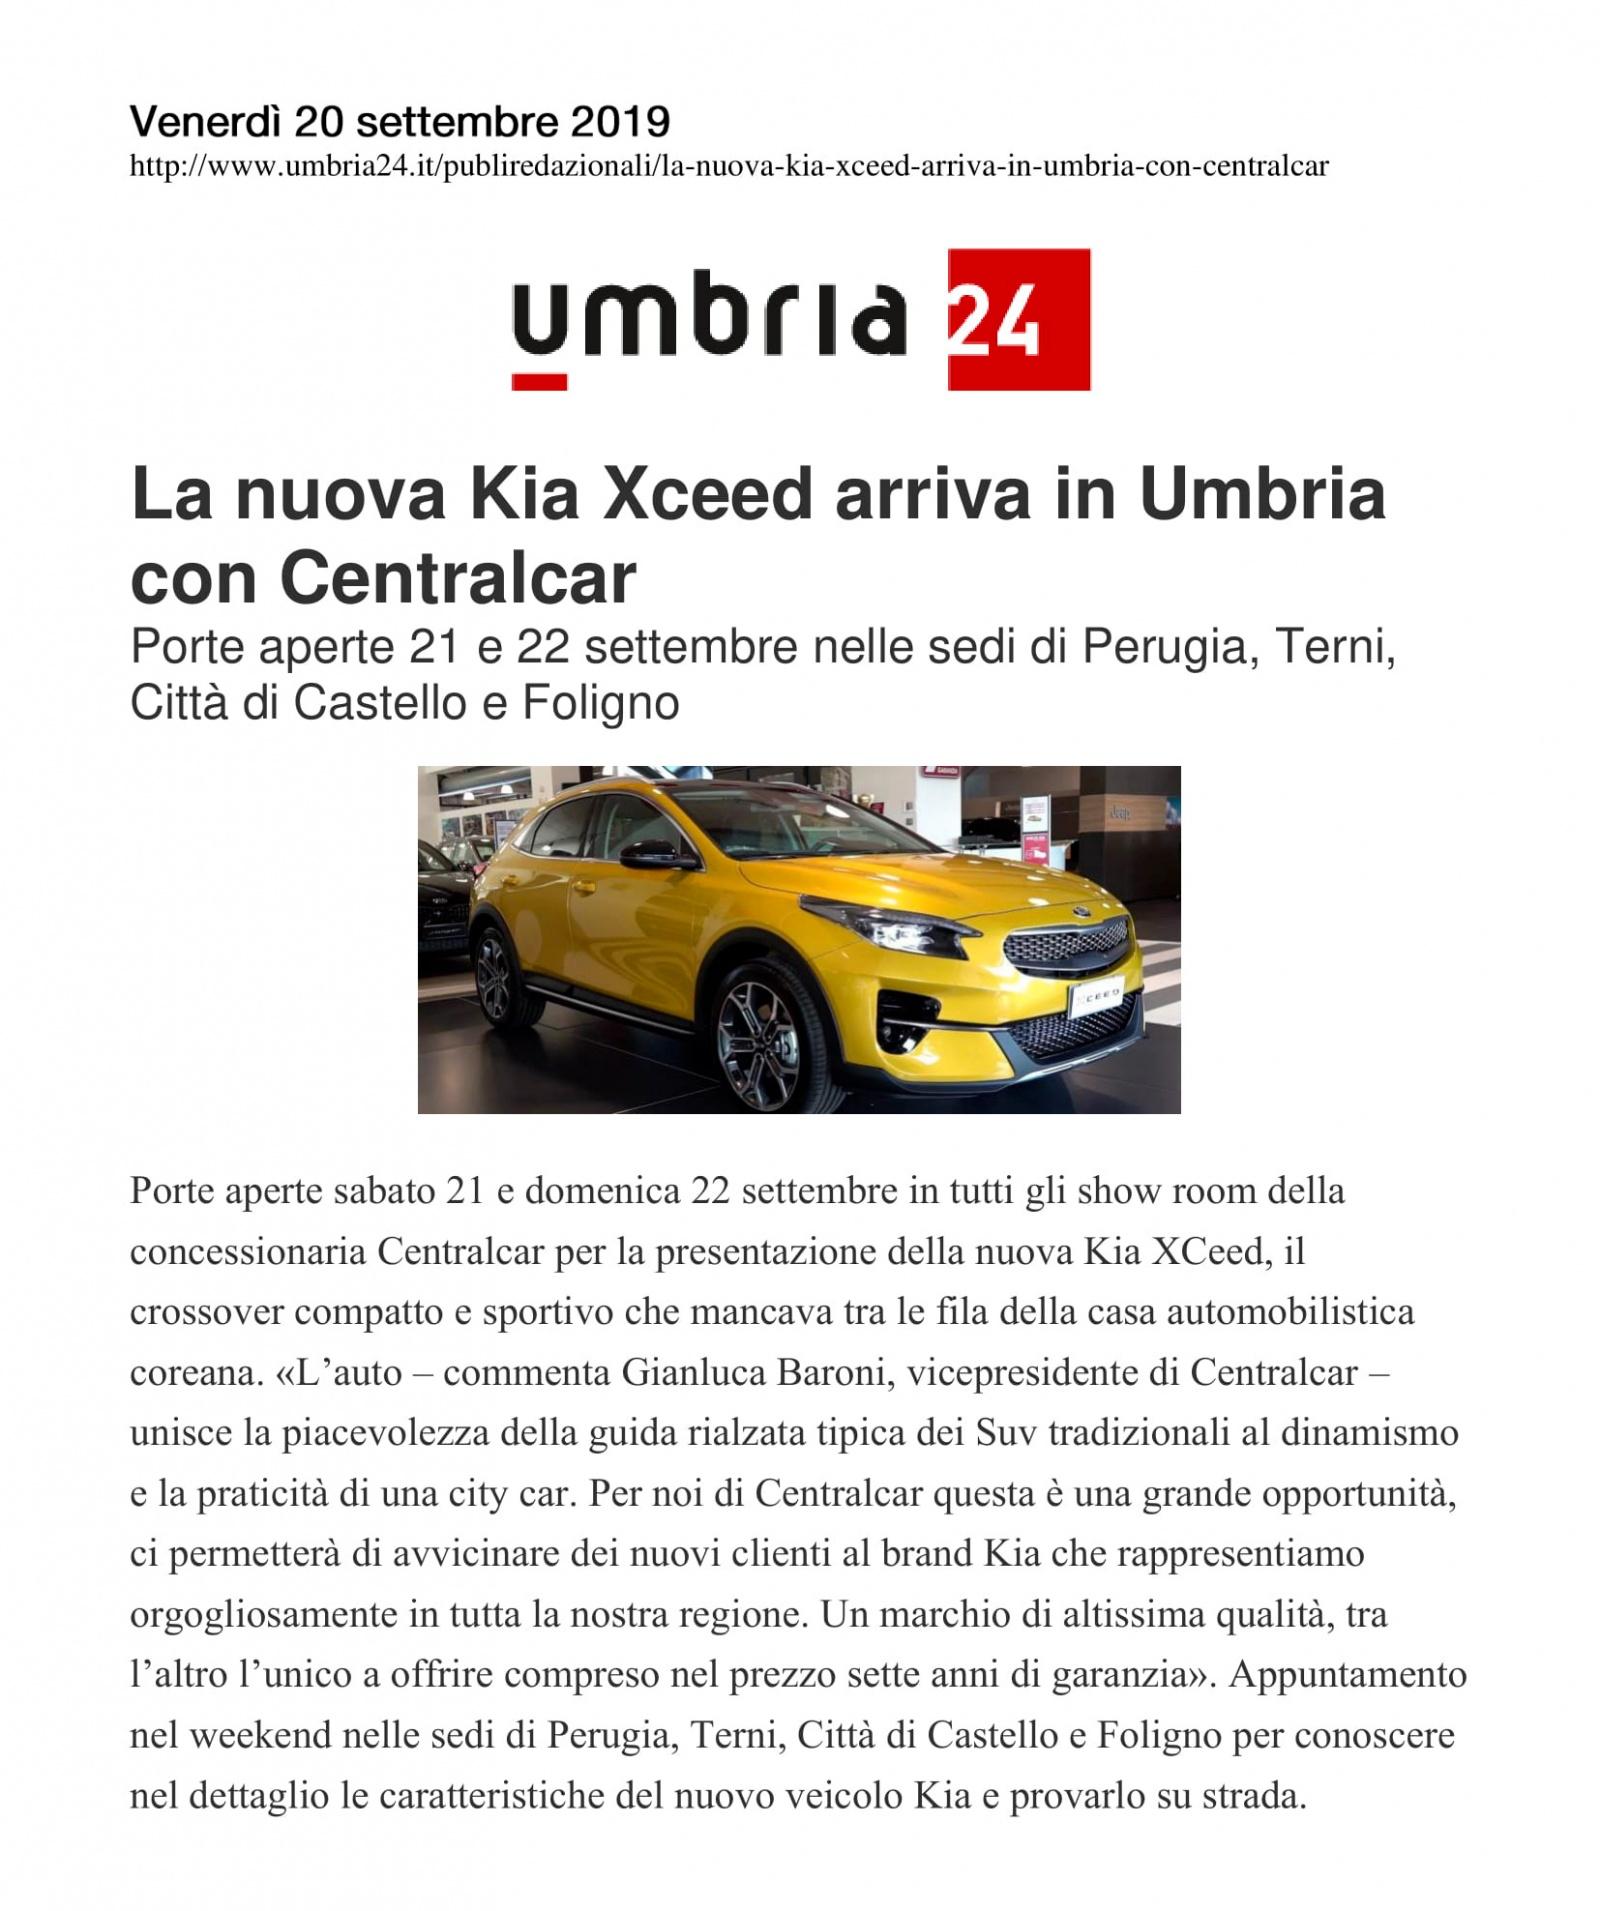 La nuova Kia Xceed arriva in Umbria con Centralcar